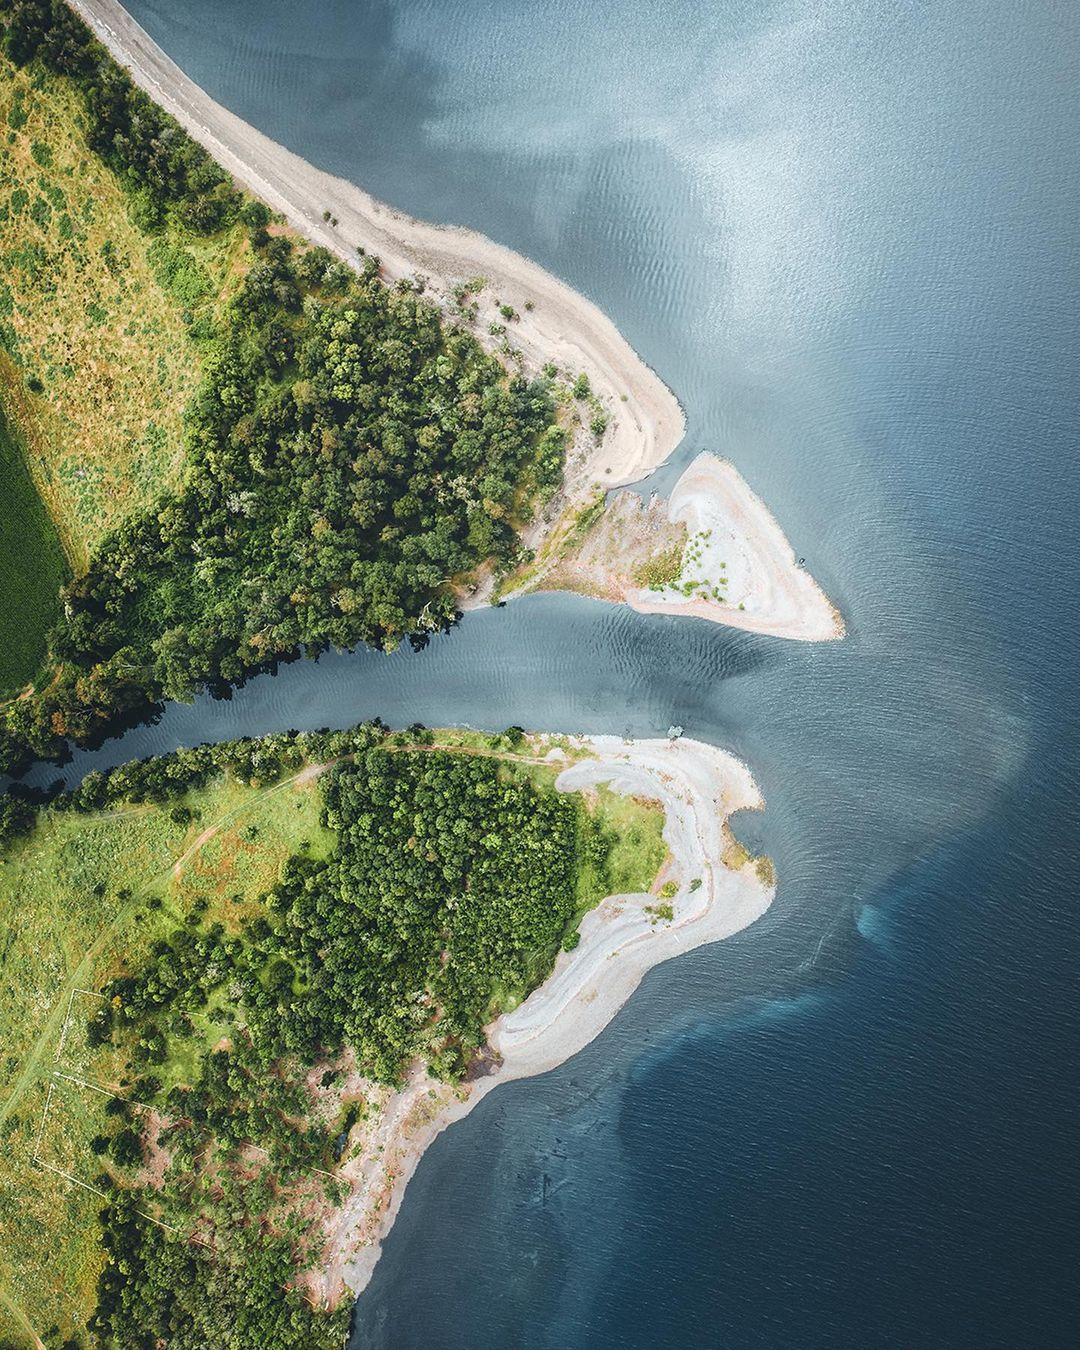 desembocadura-de-rio